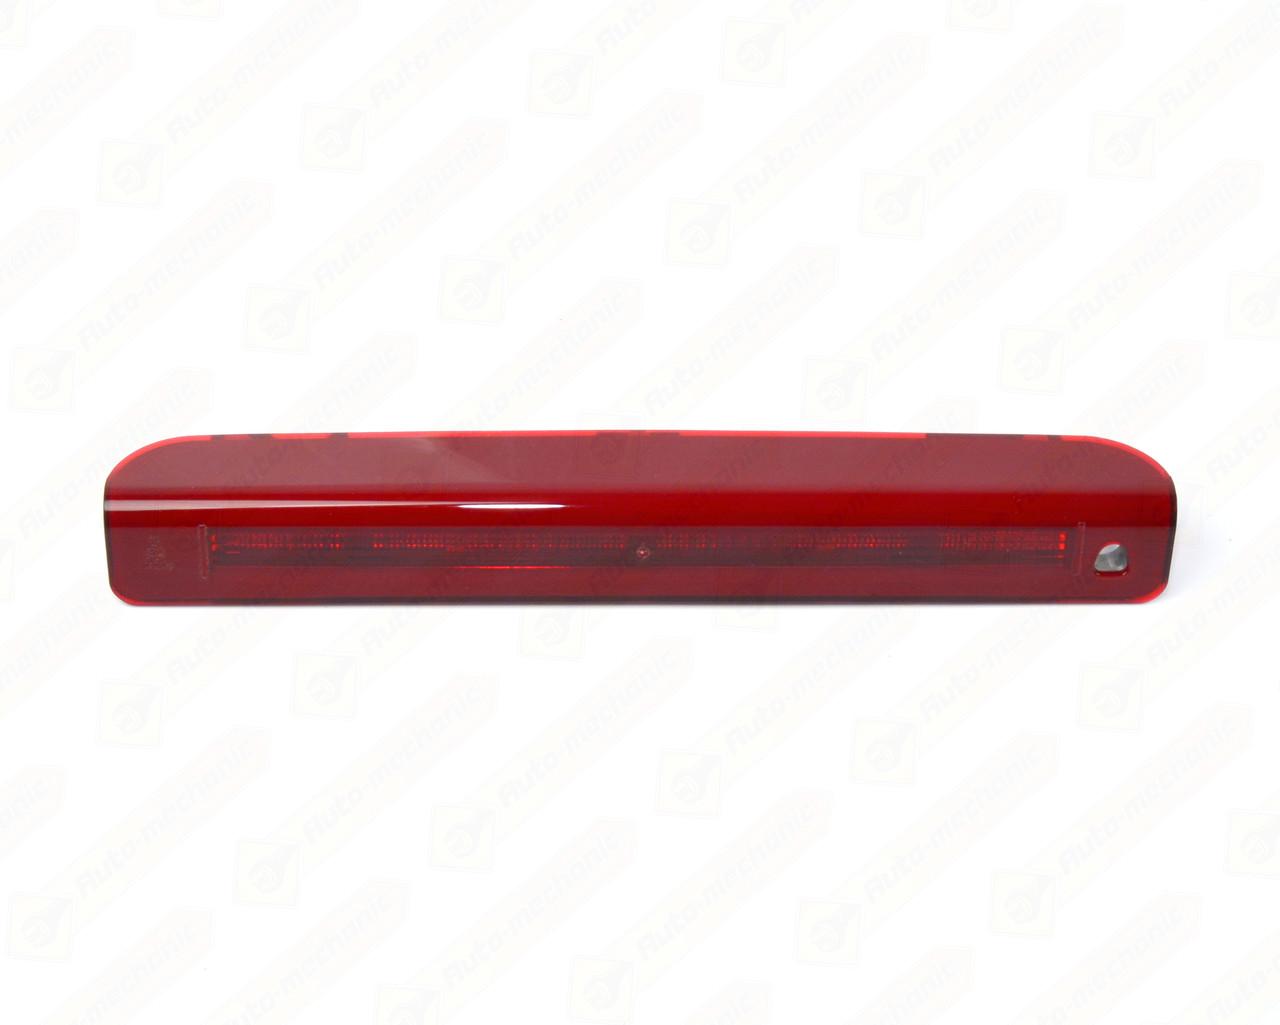 Задній додатковий STOP-ліхтар на двері Renault Fluence, Renault (Оригінал) - 265900006R